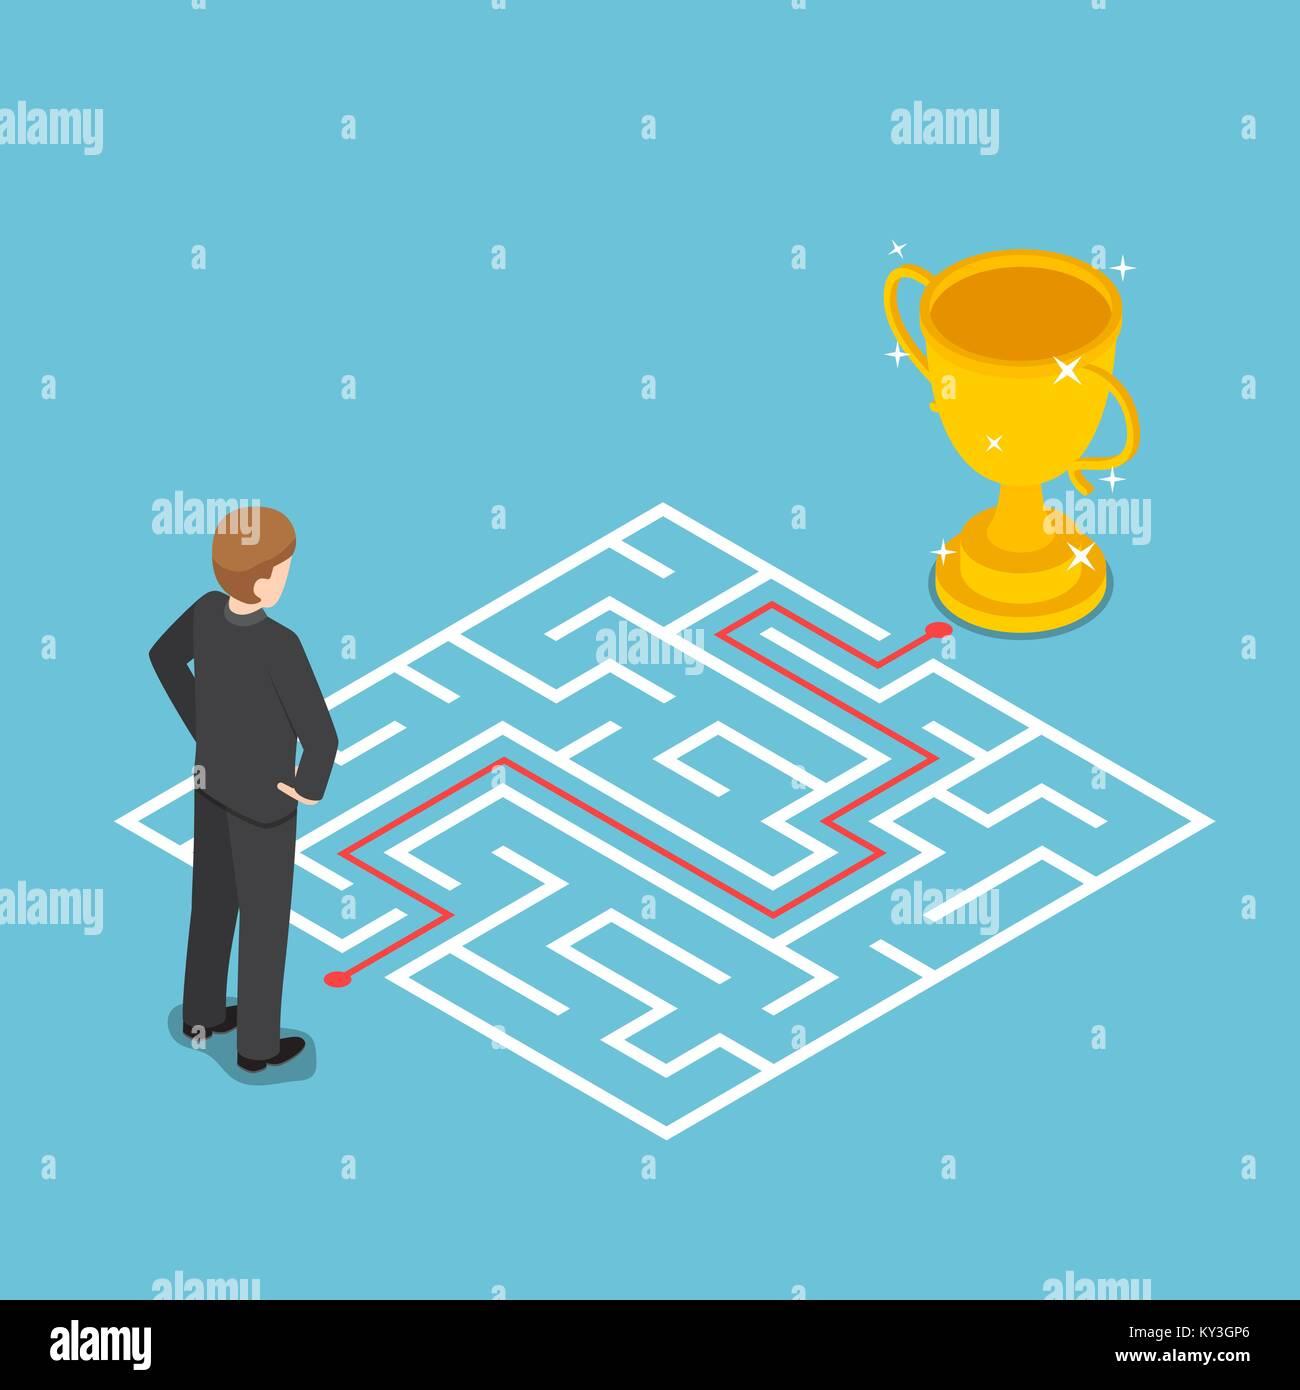 Cartoon Maze Labyrinth Game Stock Photos Amp Cartoon Maze Labyrinth Game Stock Images